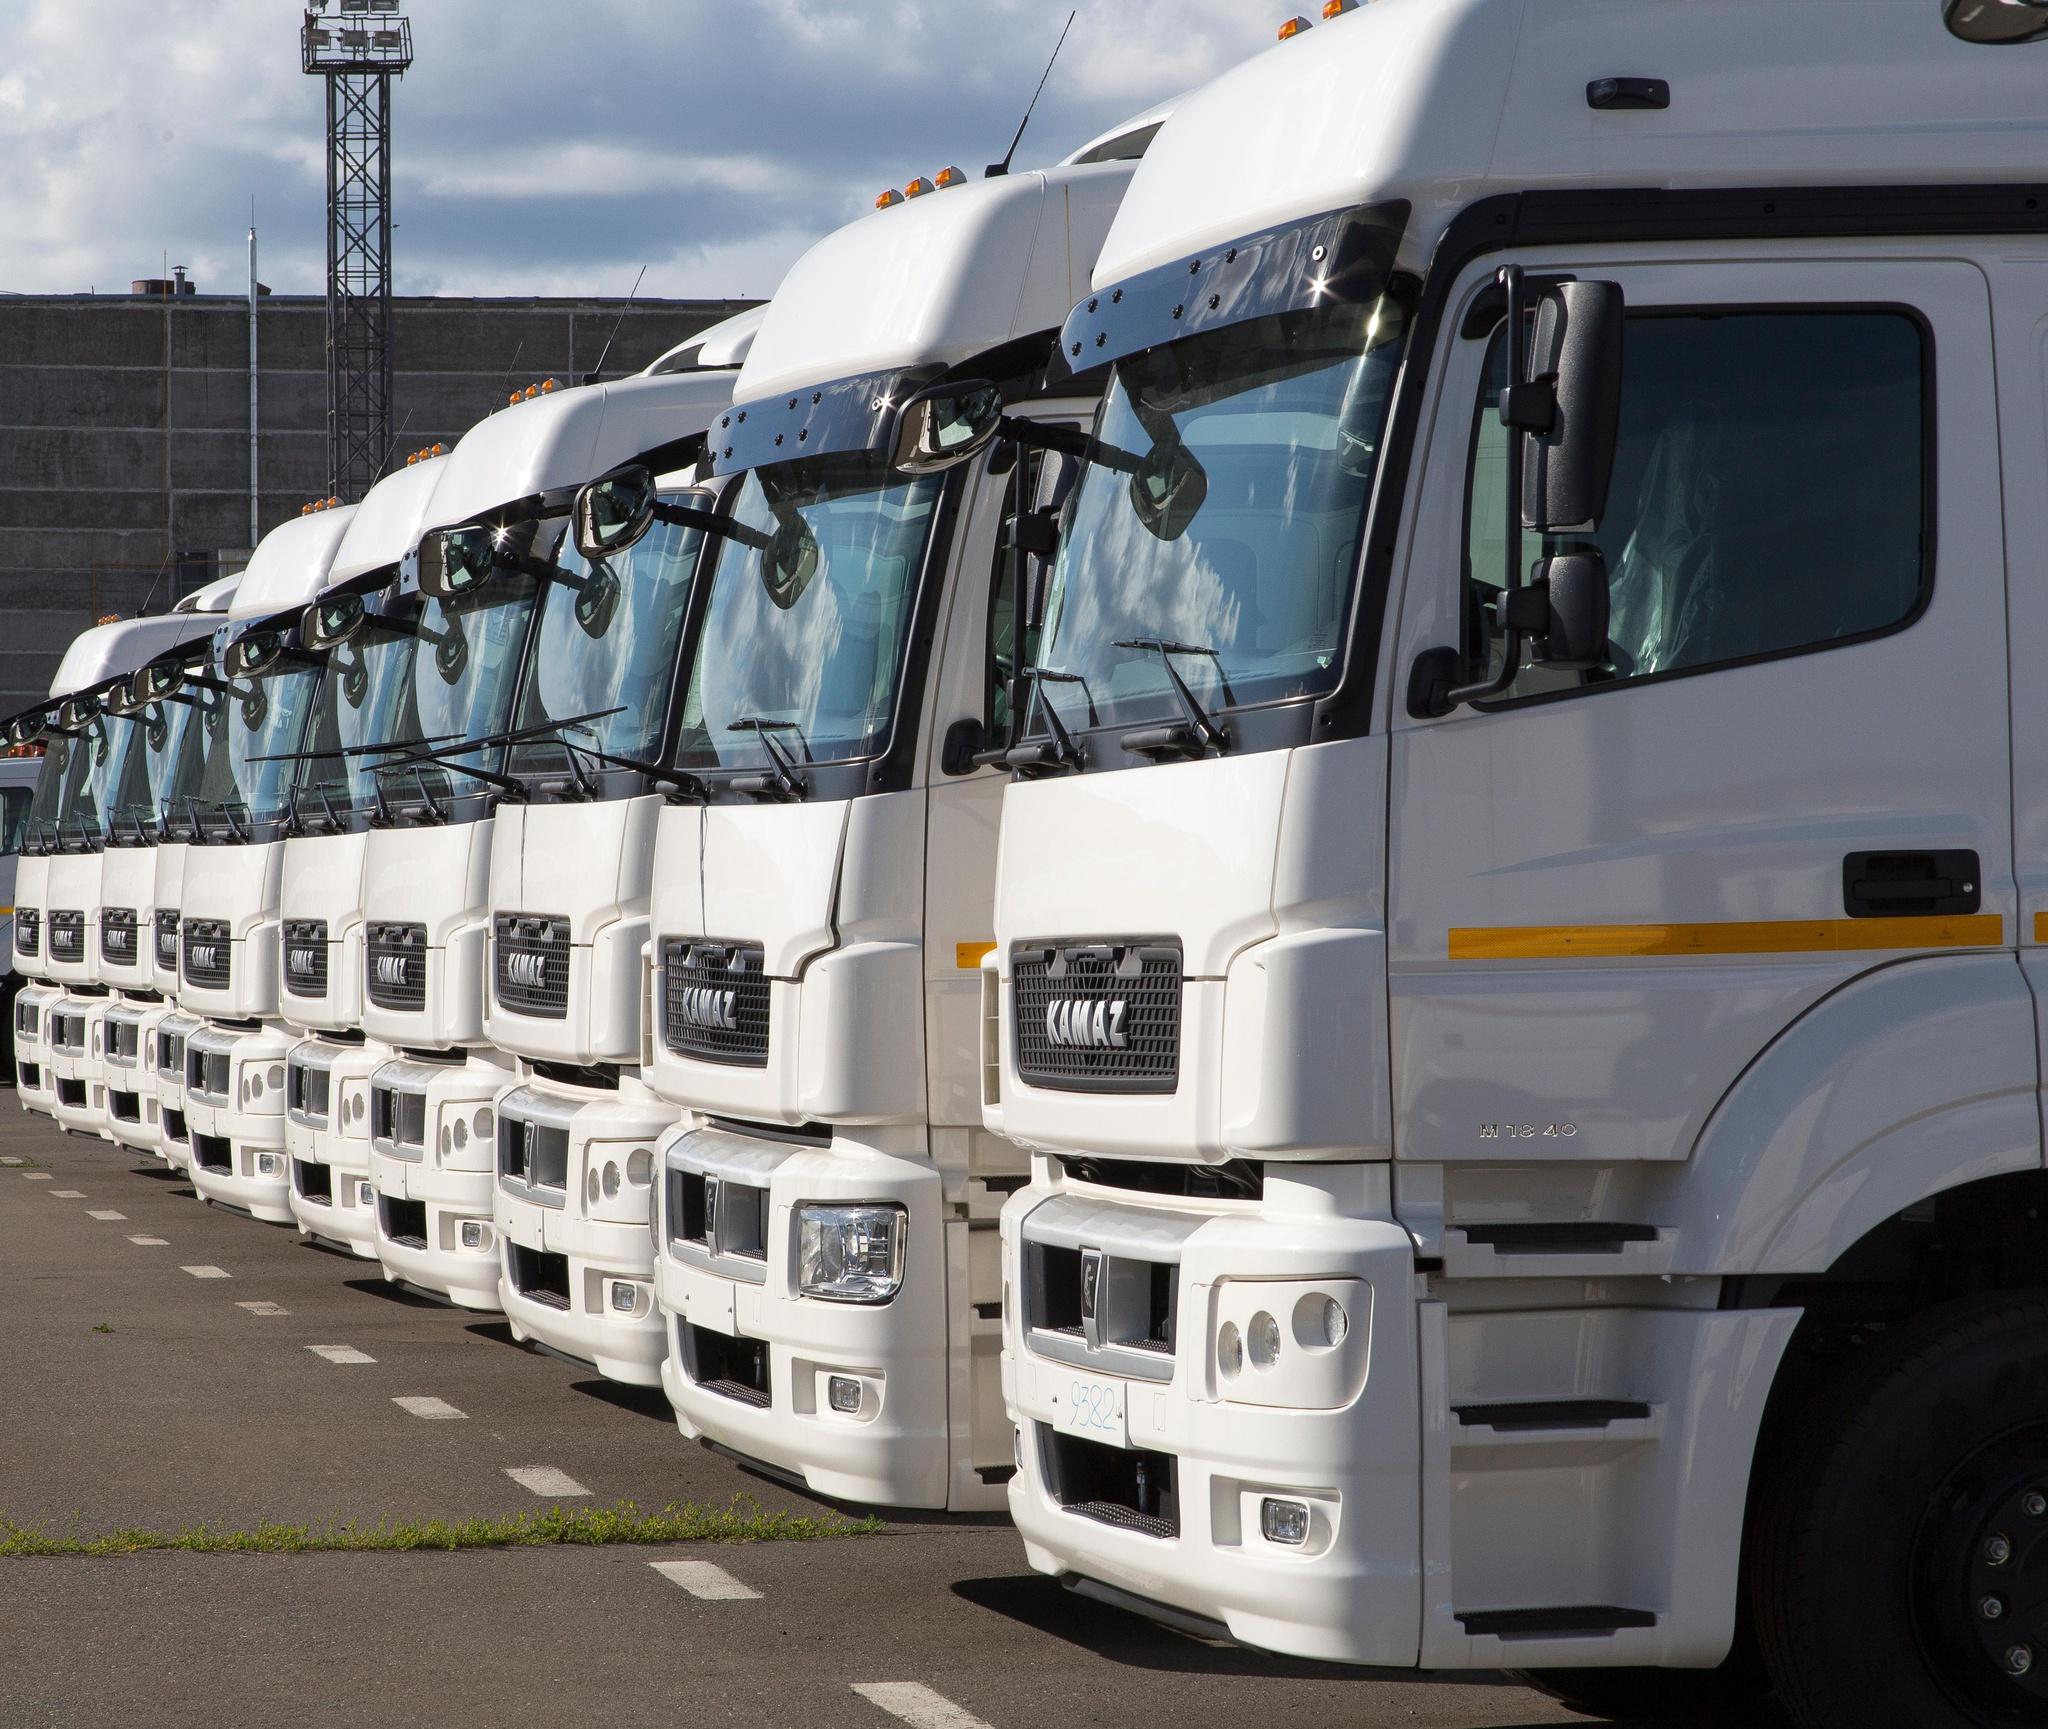 Доля КАМАЗа в сегменте магистральных тягачей увеличилась с 4% до 14%